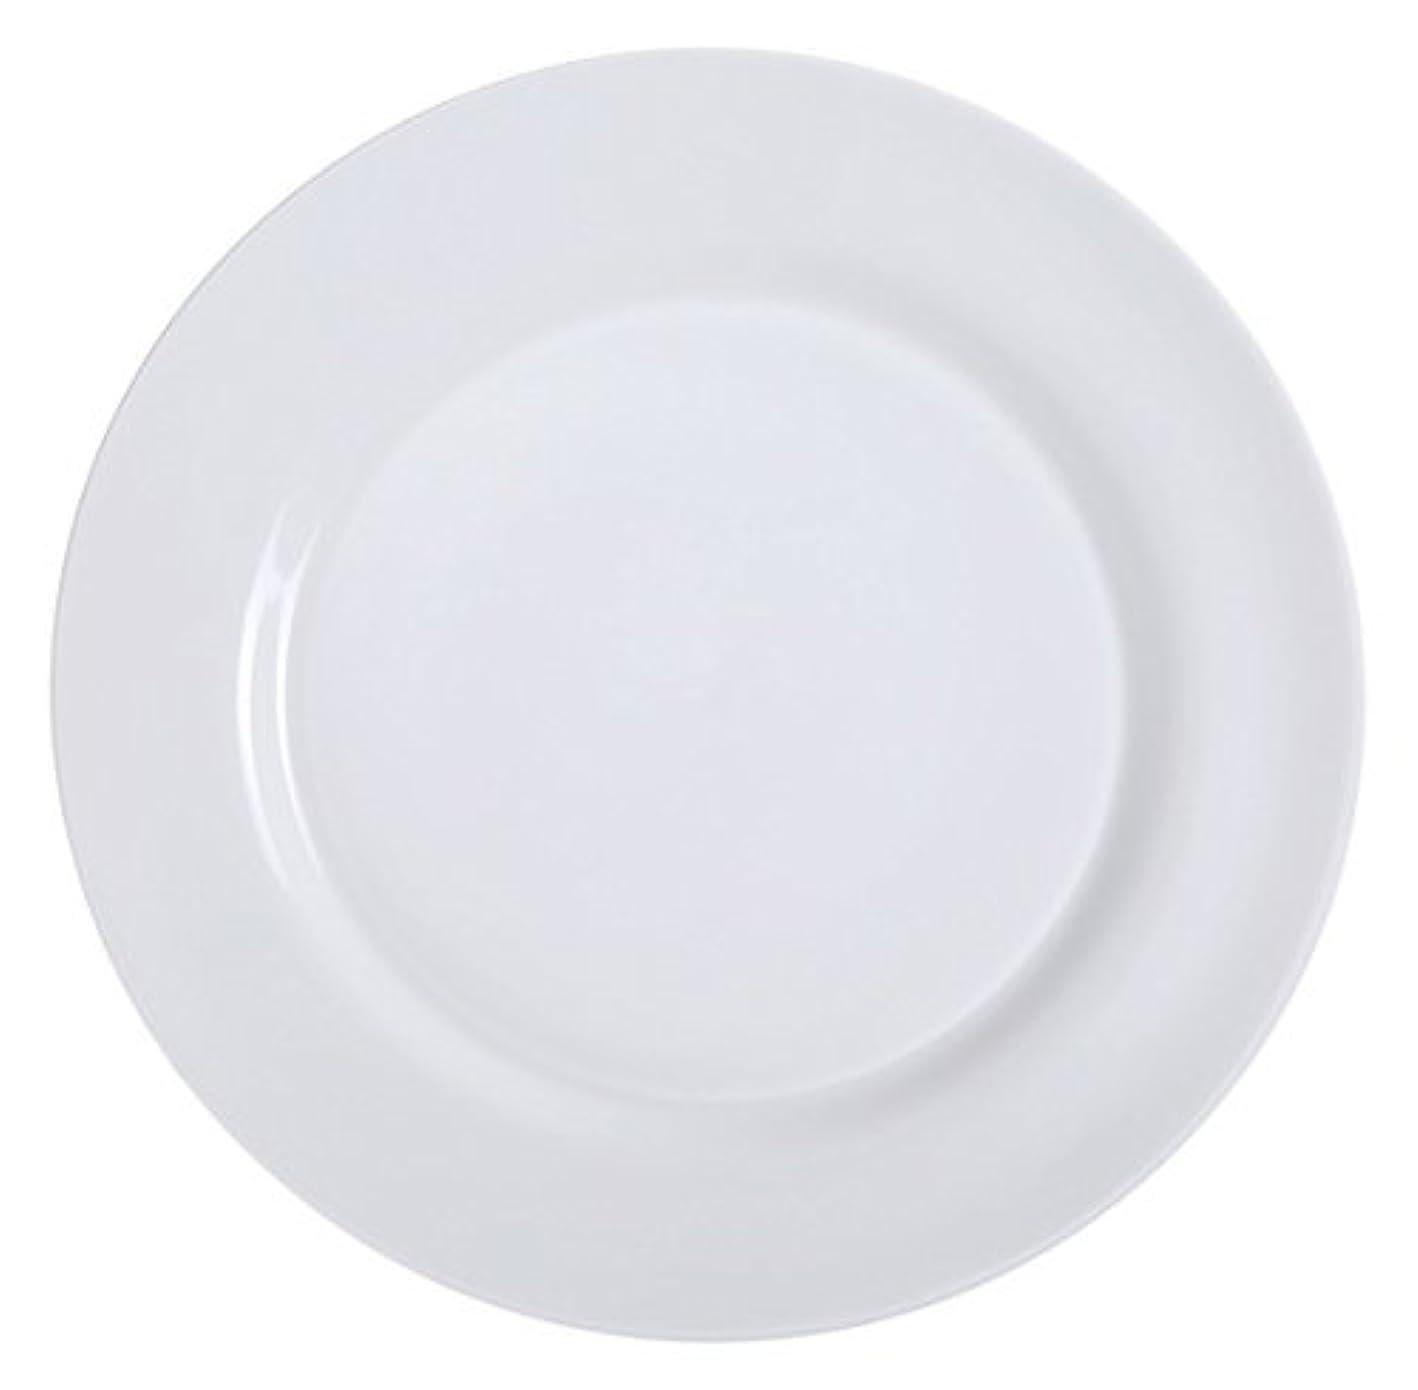 ショット火山の寄稿者Yanco PS-8 Dinner Plate 9 Diameter Porcelain Bone White Pack of 24 [並行輸入品]